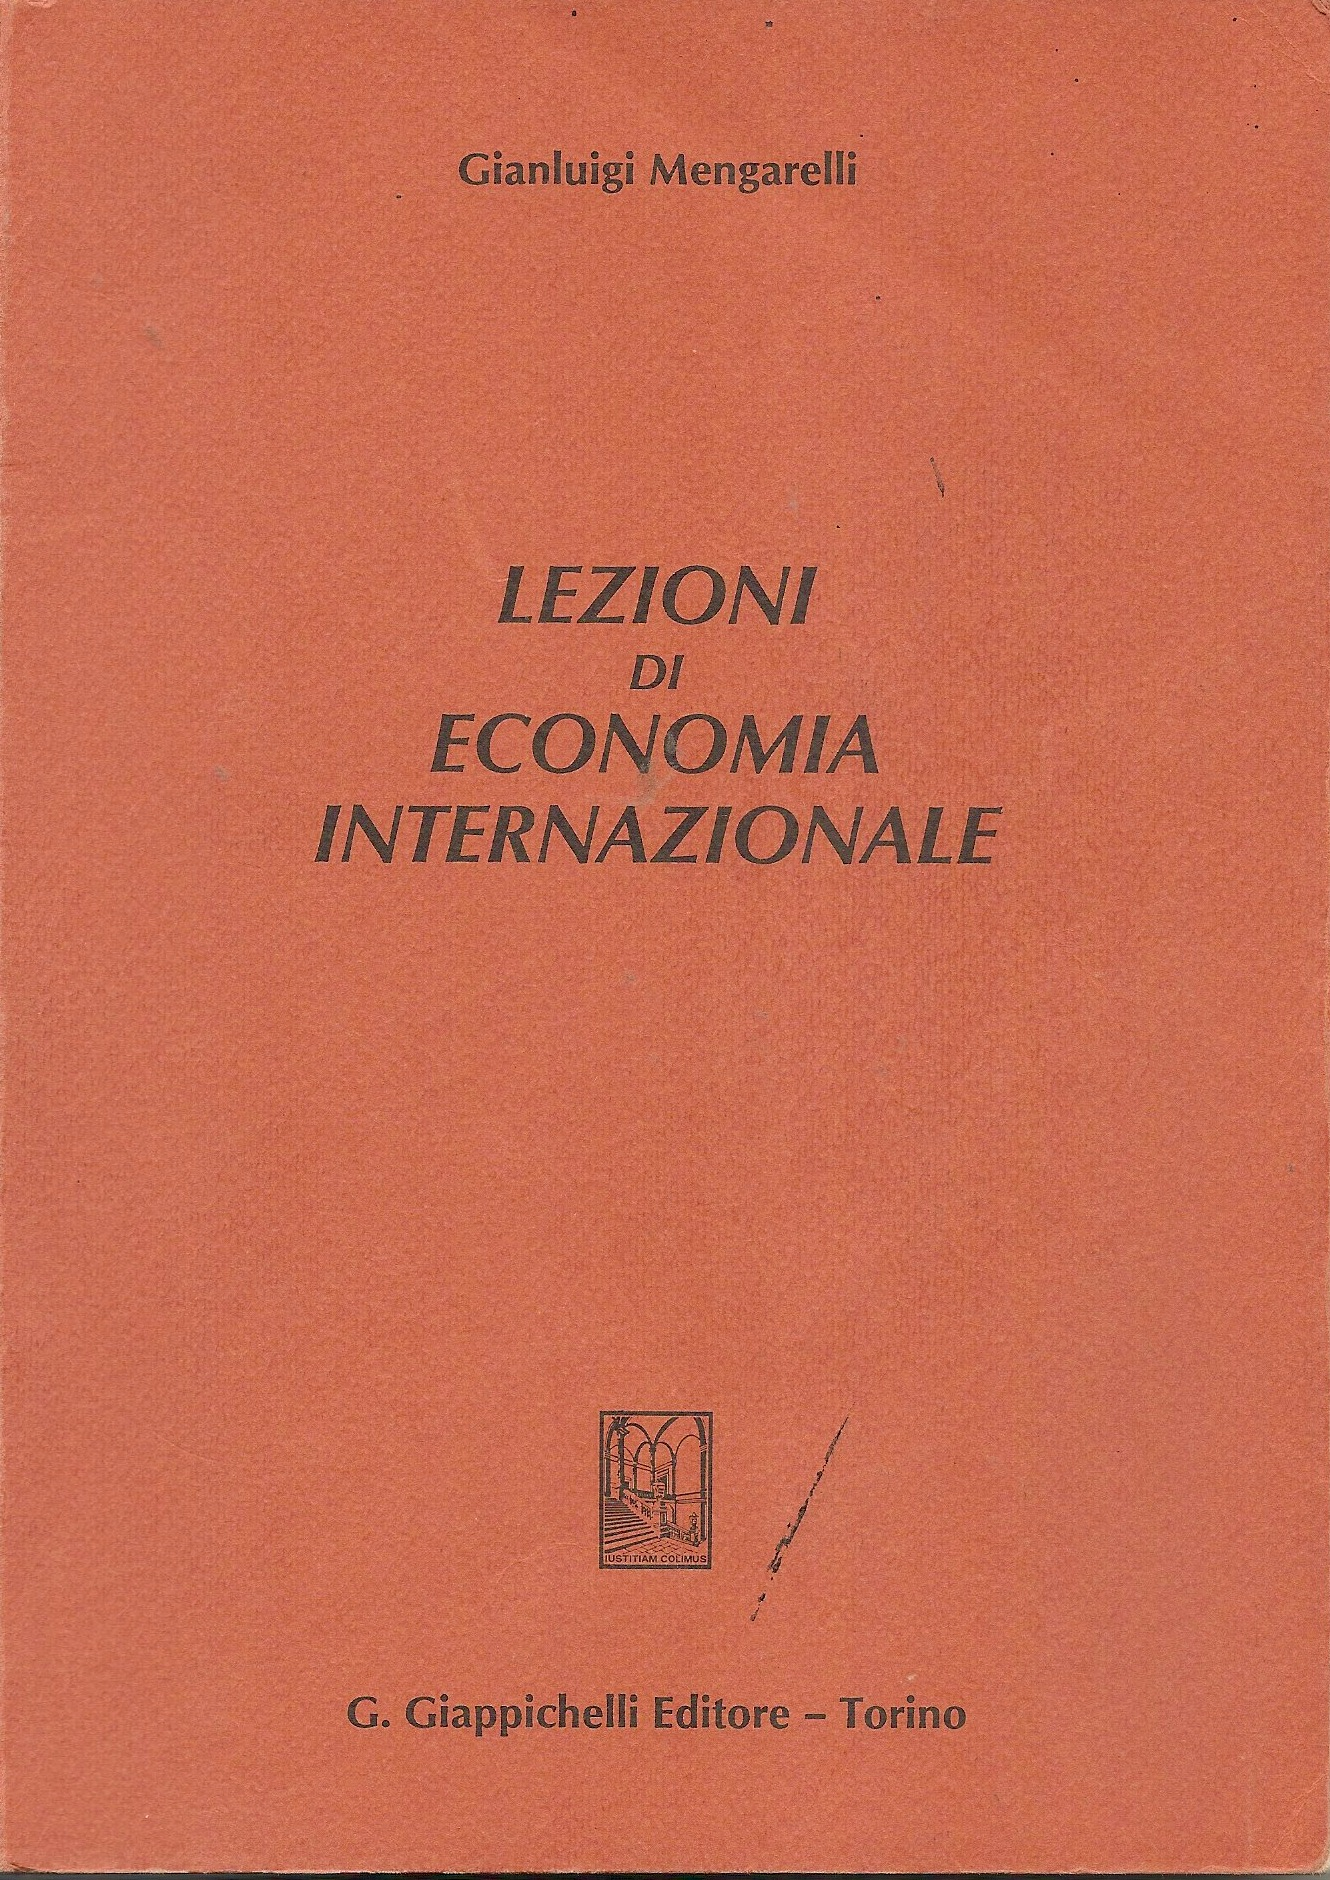 Lezioni di economia internazionale